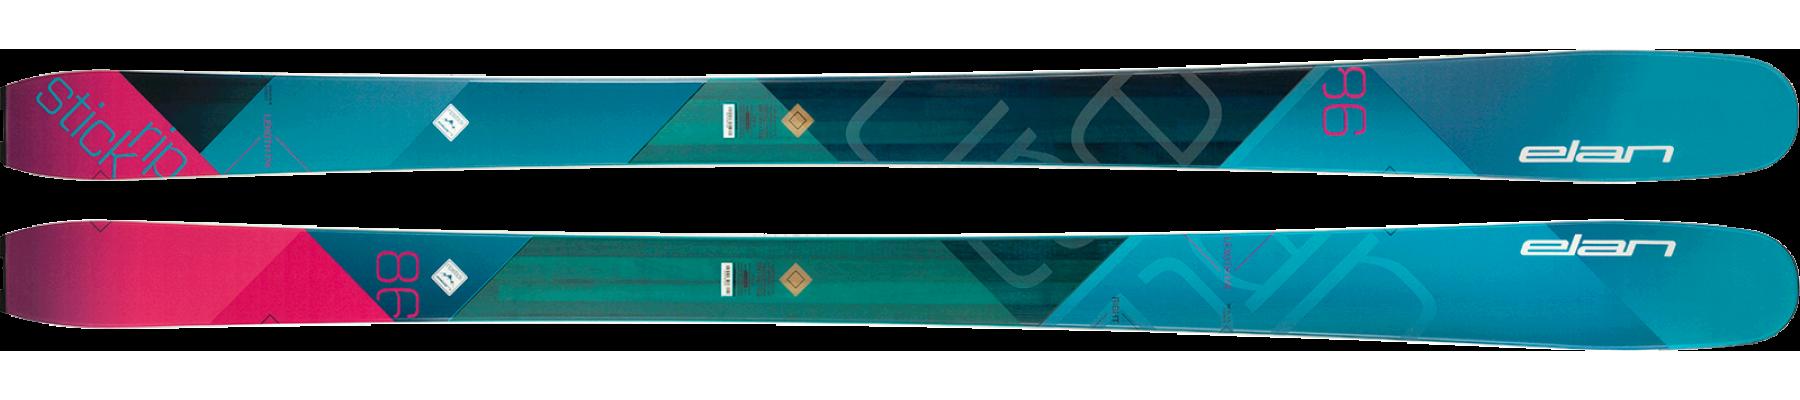 Elan-Ski-RIPSTICK-86Ww